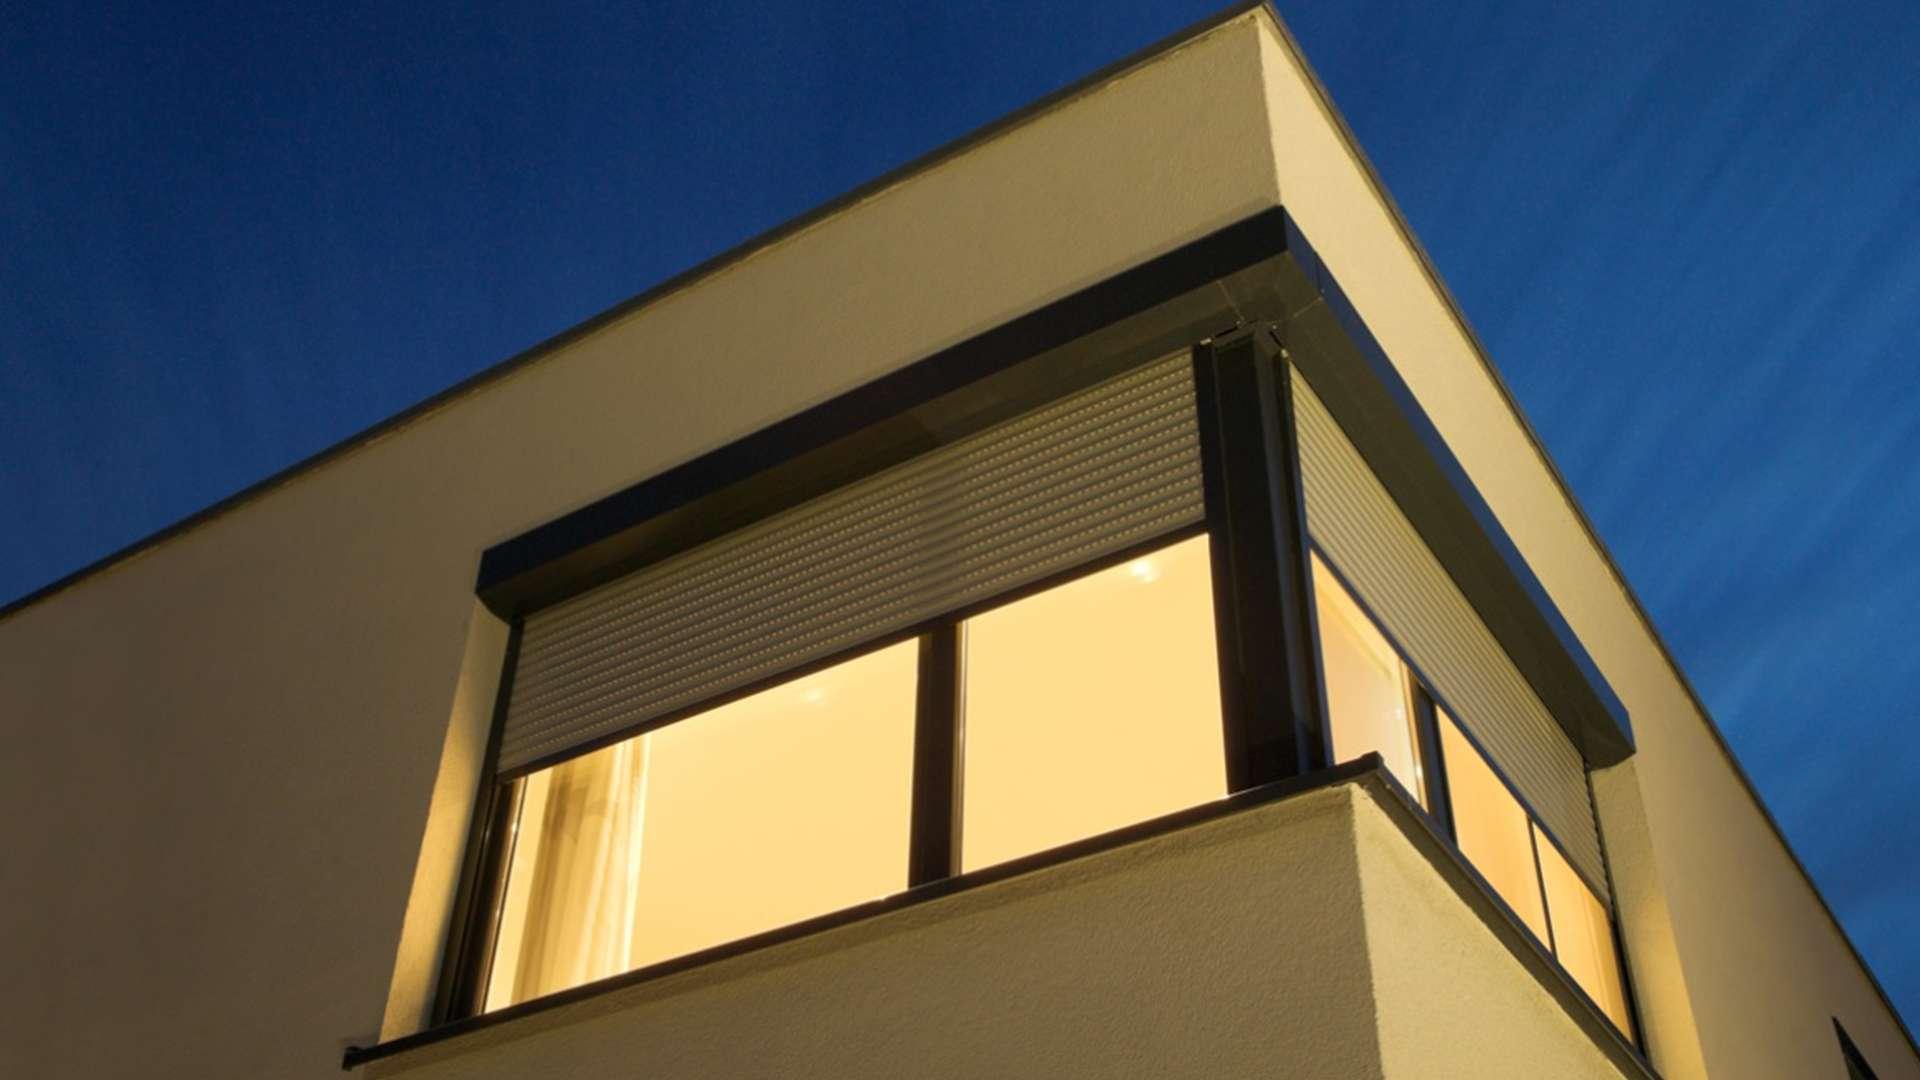 Hausecke mitVorbaurollläden vor den Fenstern